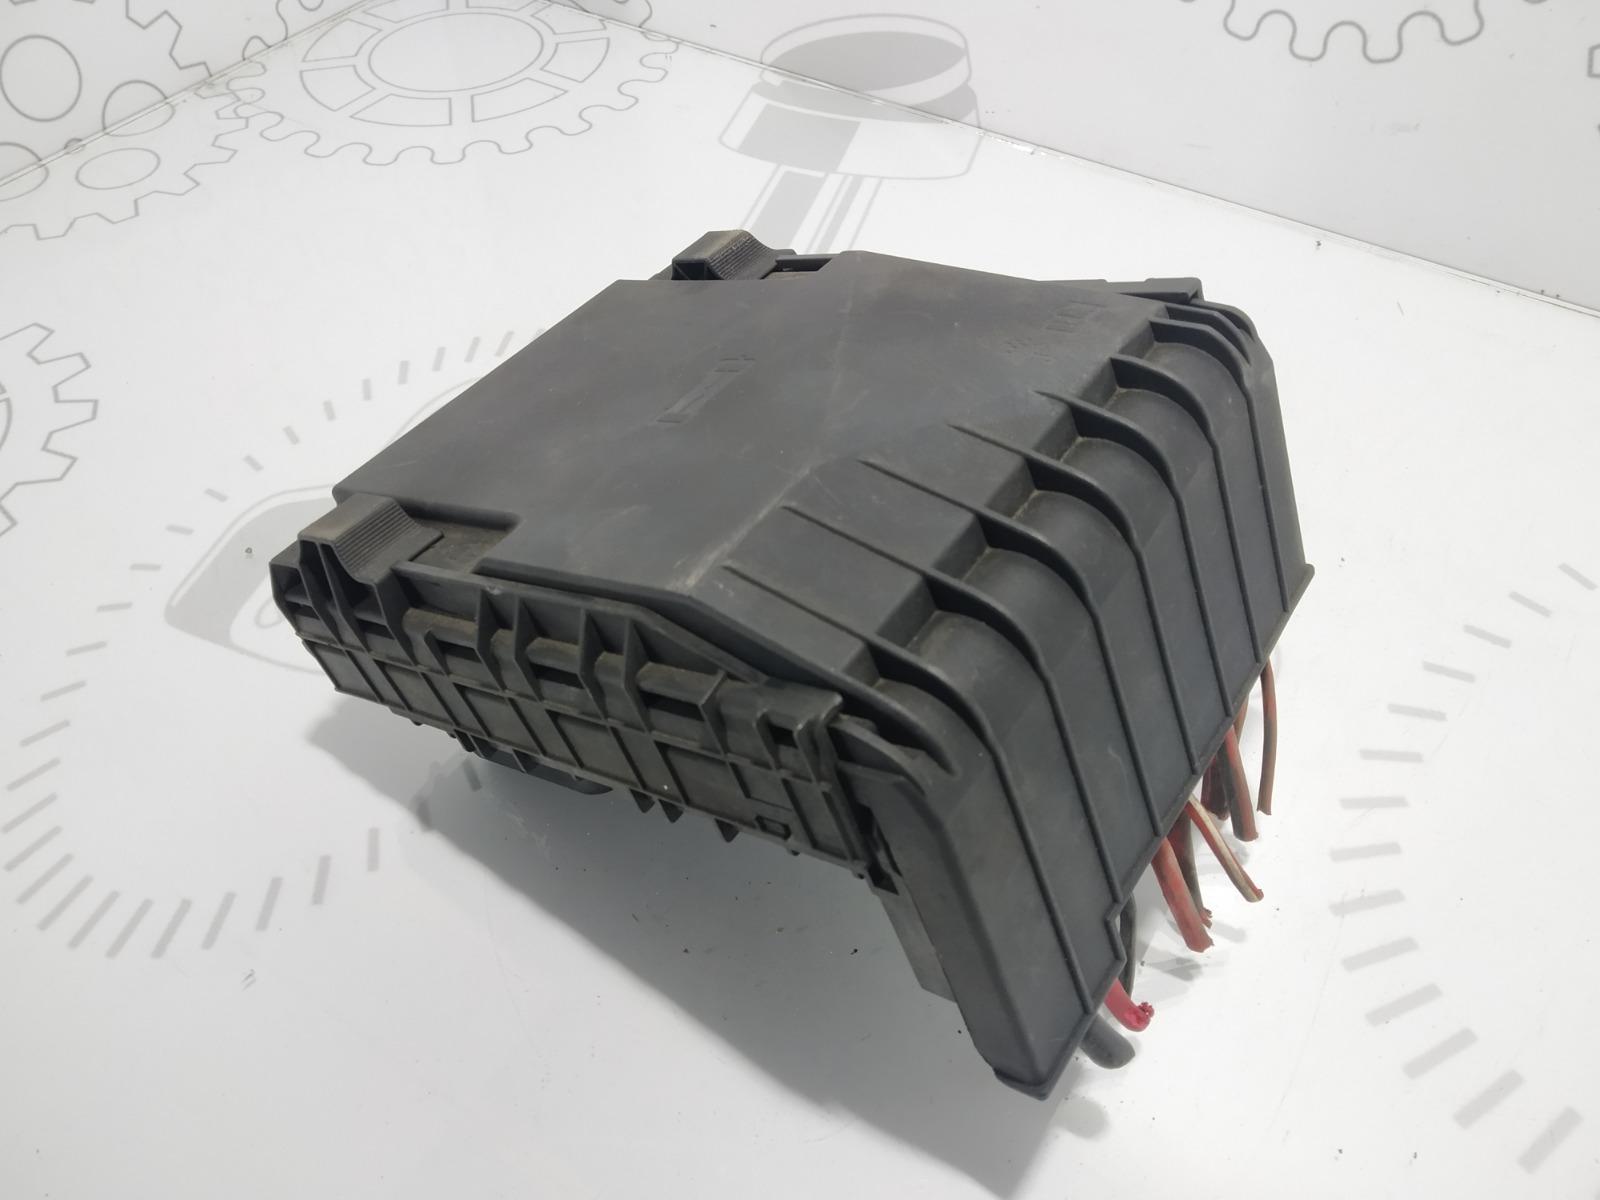 Блок предохранителей Volkswagen Passat B6 2.0 TDI 2005 (б/у)